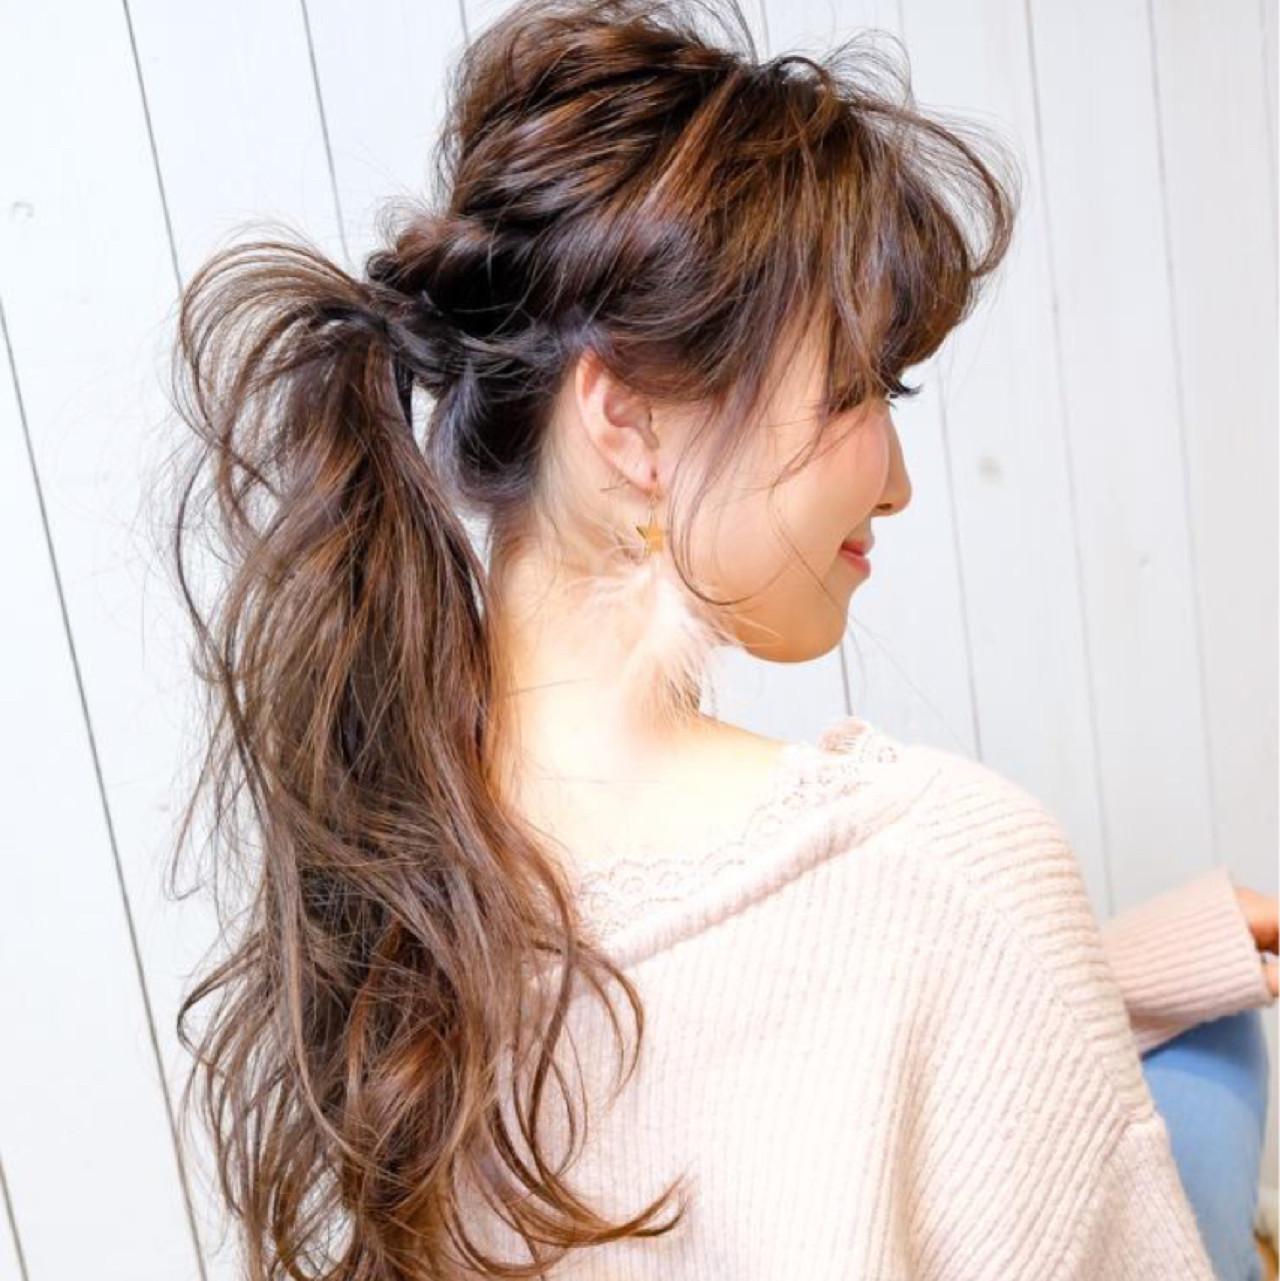 ヘアアレンジ ロング パーマ フェミニン ヘアスタイルや髪型の写真・画像